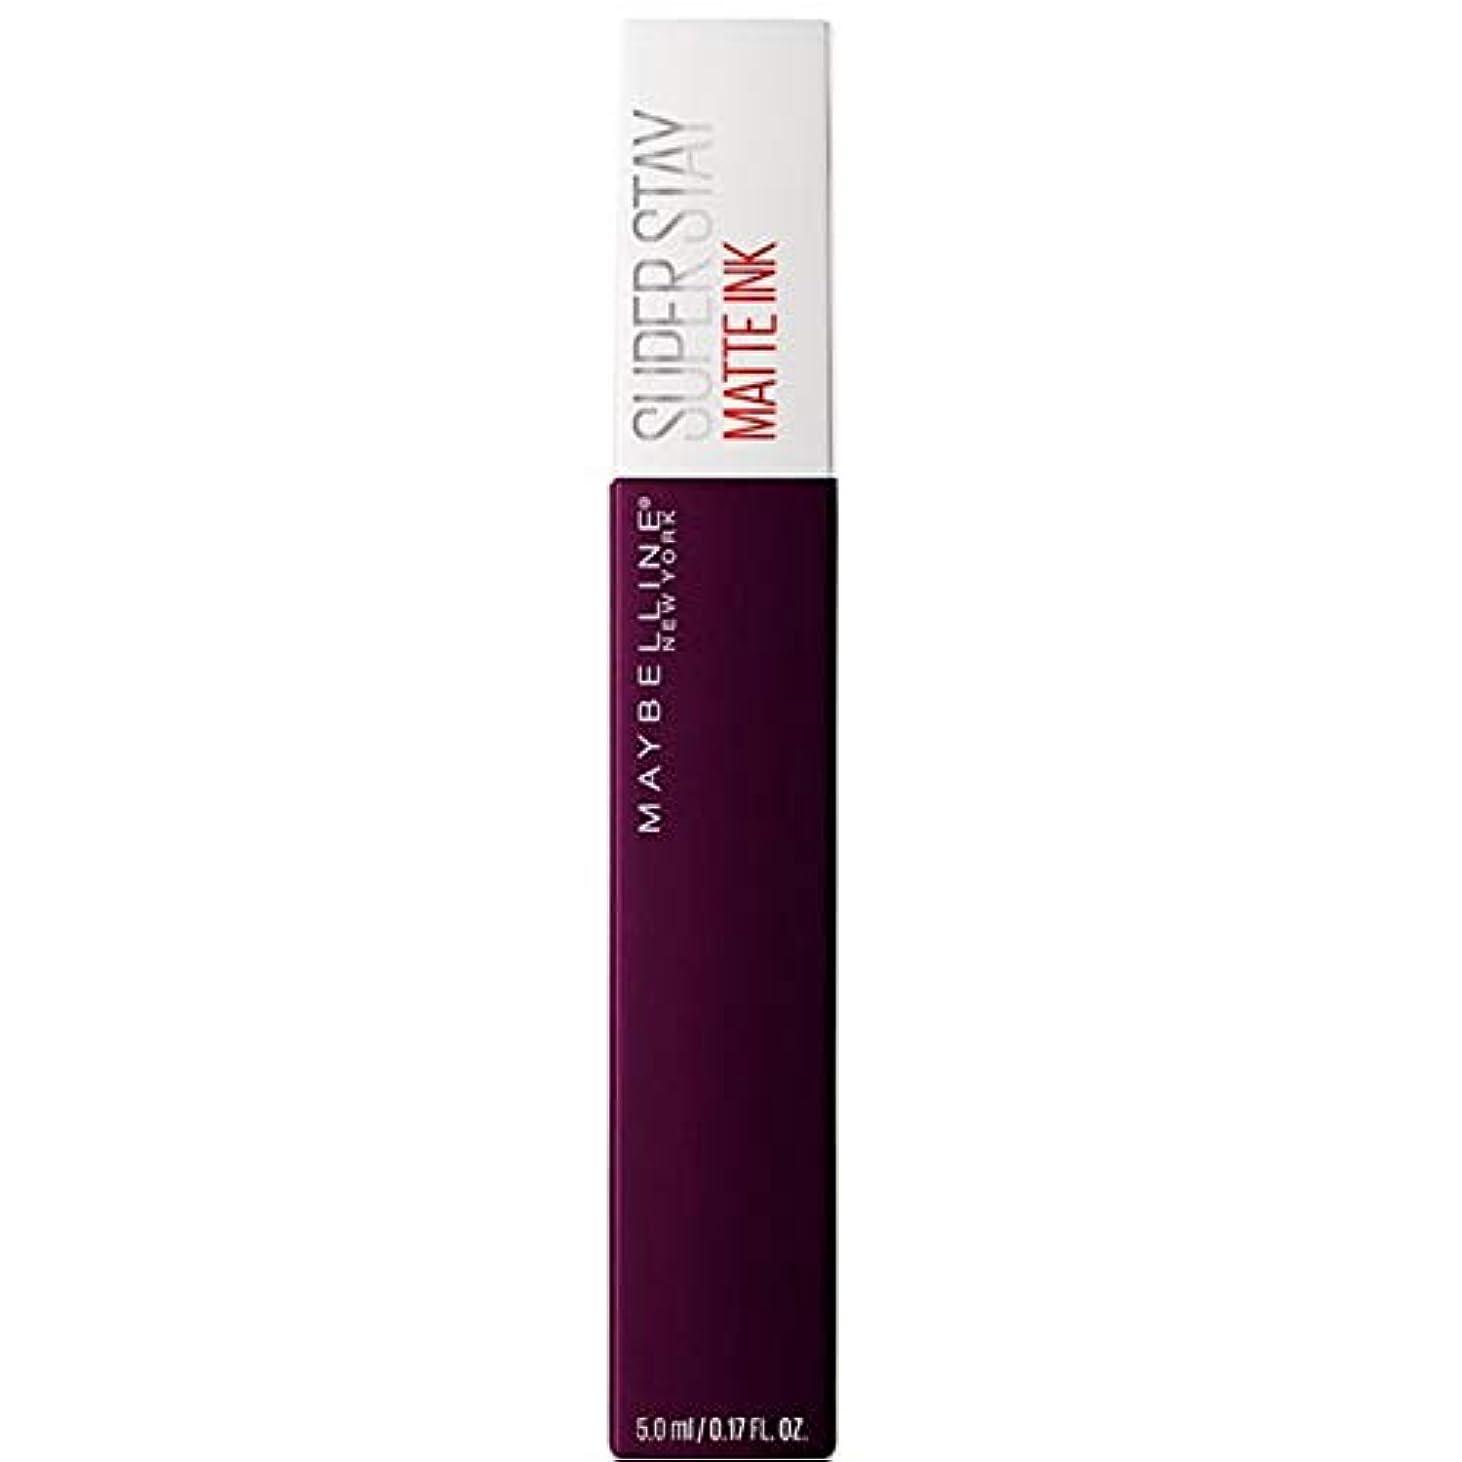 インストラクター品渇き[Maybelline ] メイベリンSuperstayマットインク液45現実逃避 - Maybelline Superstay Matte Ink Liquid 45 Escapist [並行輸入品]